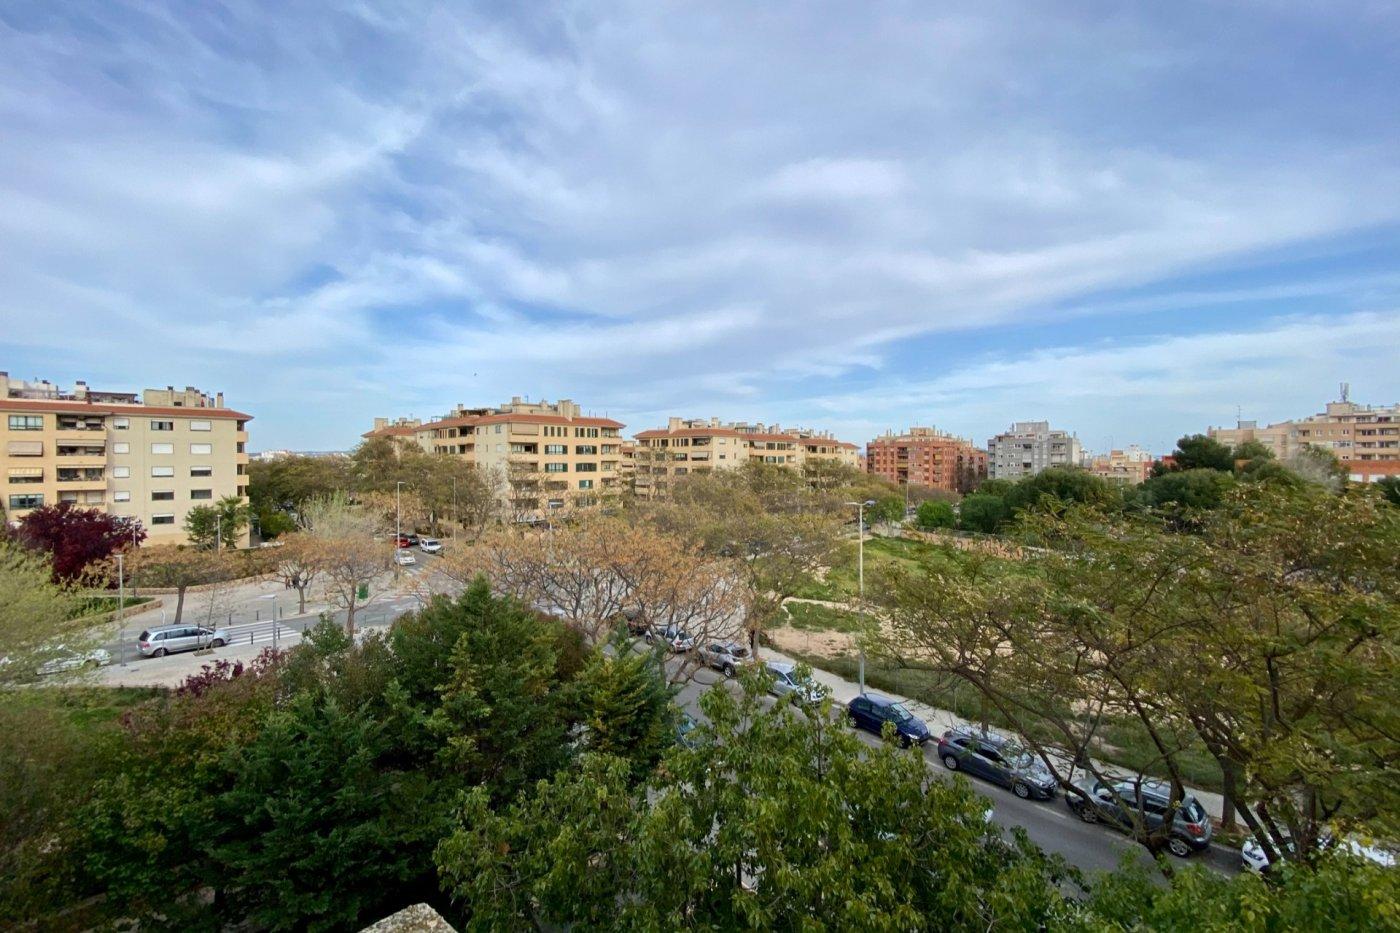 Piso sin muebles de 105 m² de superficie en zona residencial de son cotoner, palma de mall - imagenInmueble17